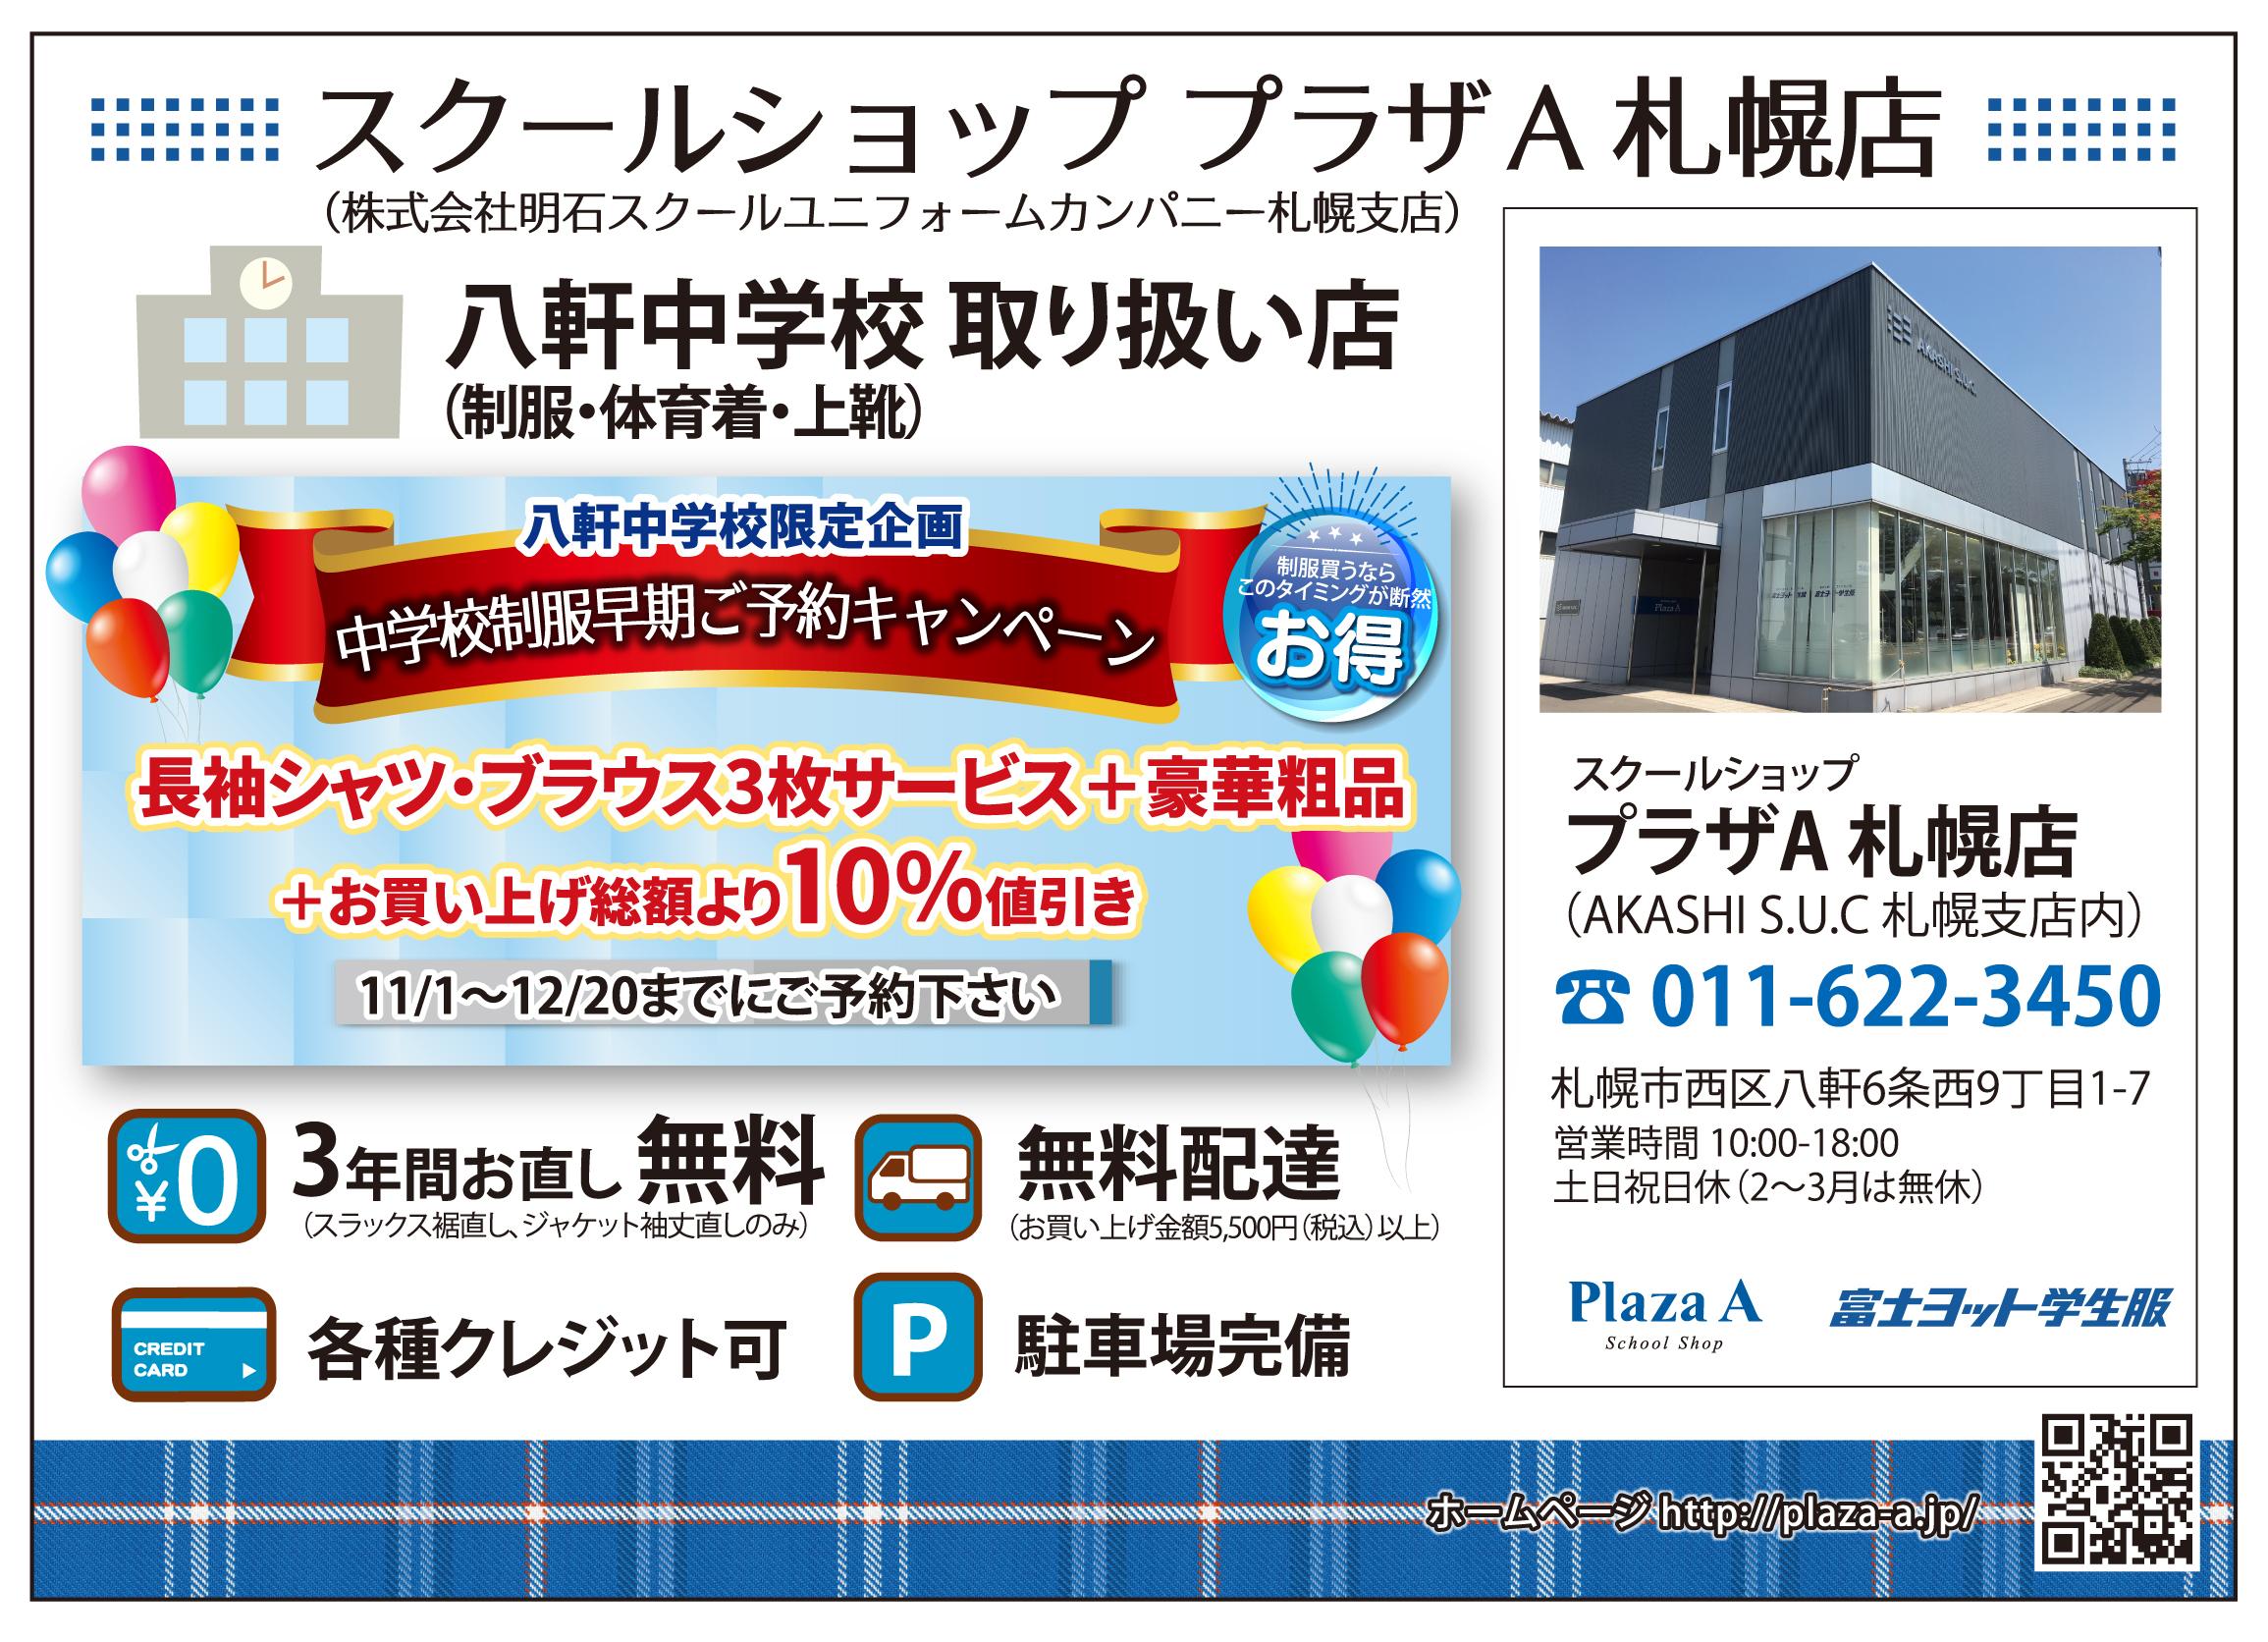 【プラザA札幌店】八軒中学校早期ご予約キャンペーン実施中